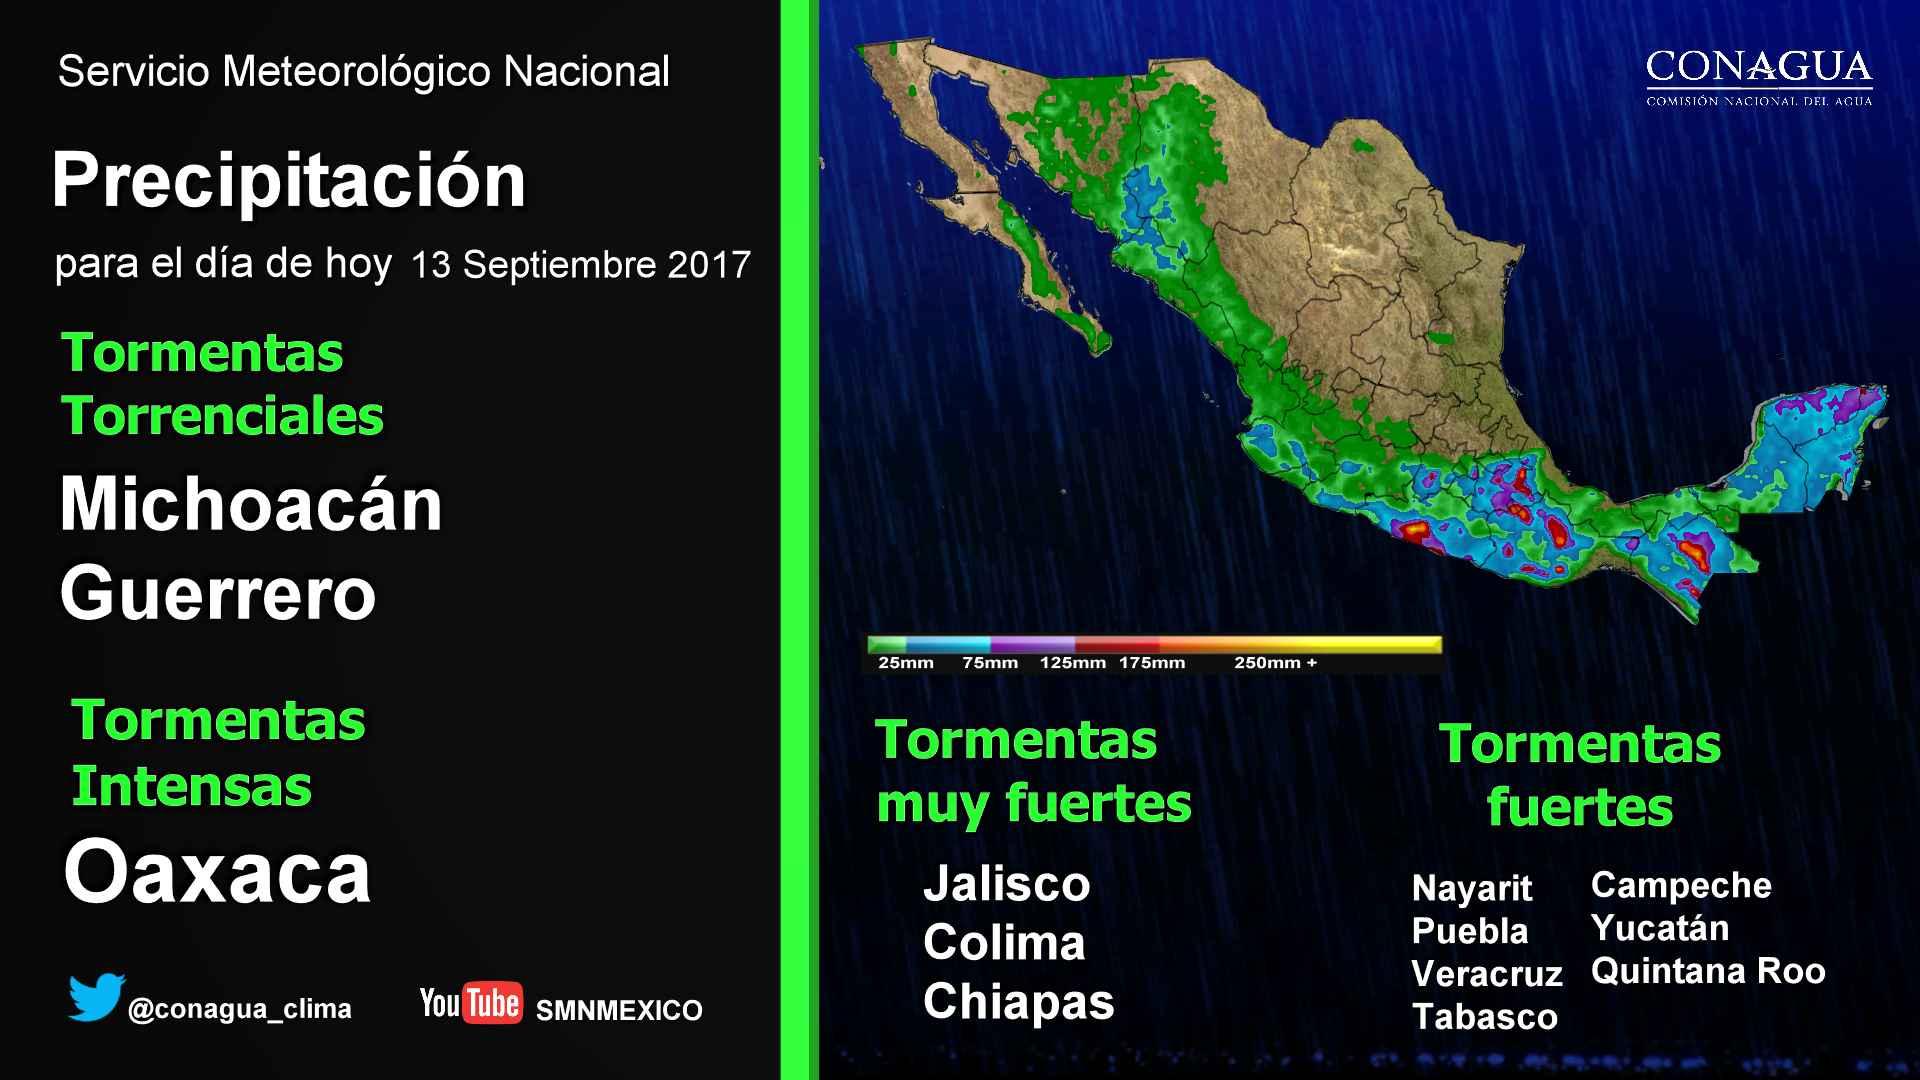 Se prevén lluvias con intervalos de chubascos y heladas para Tlaxcala